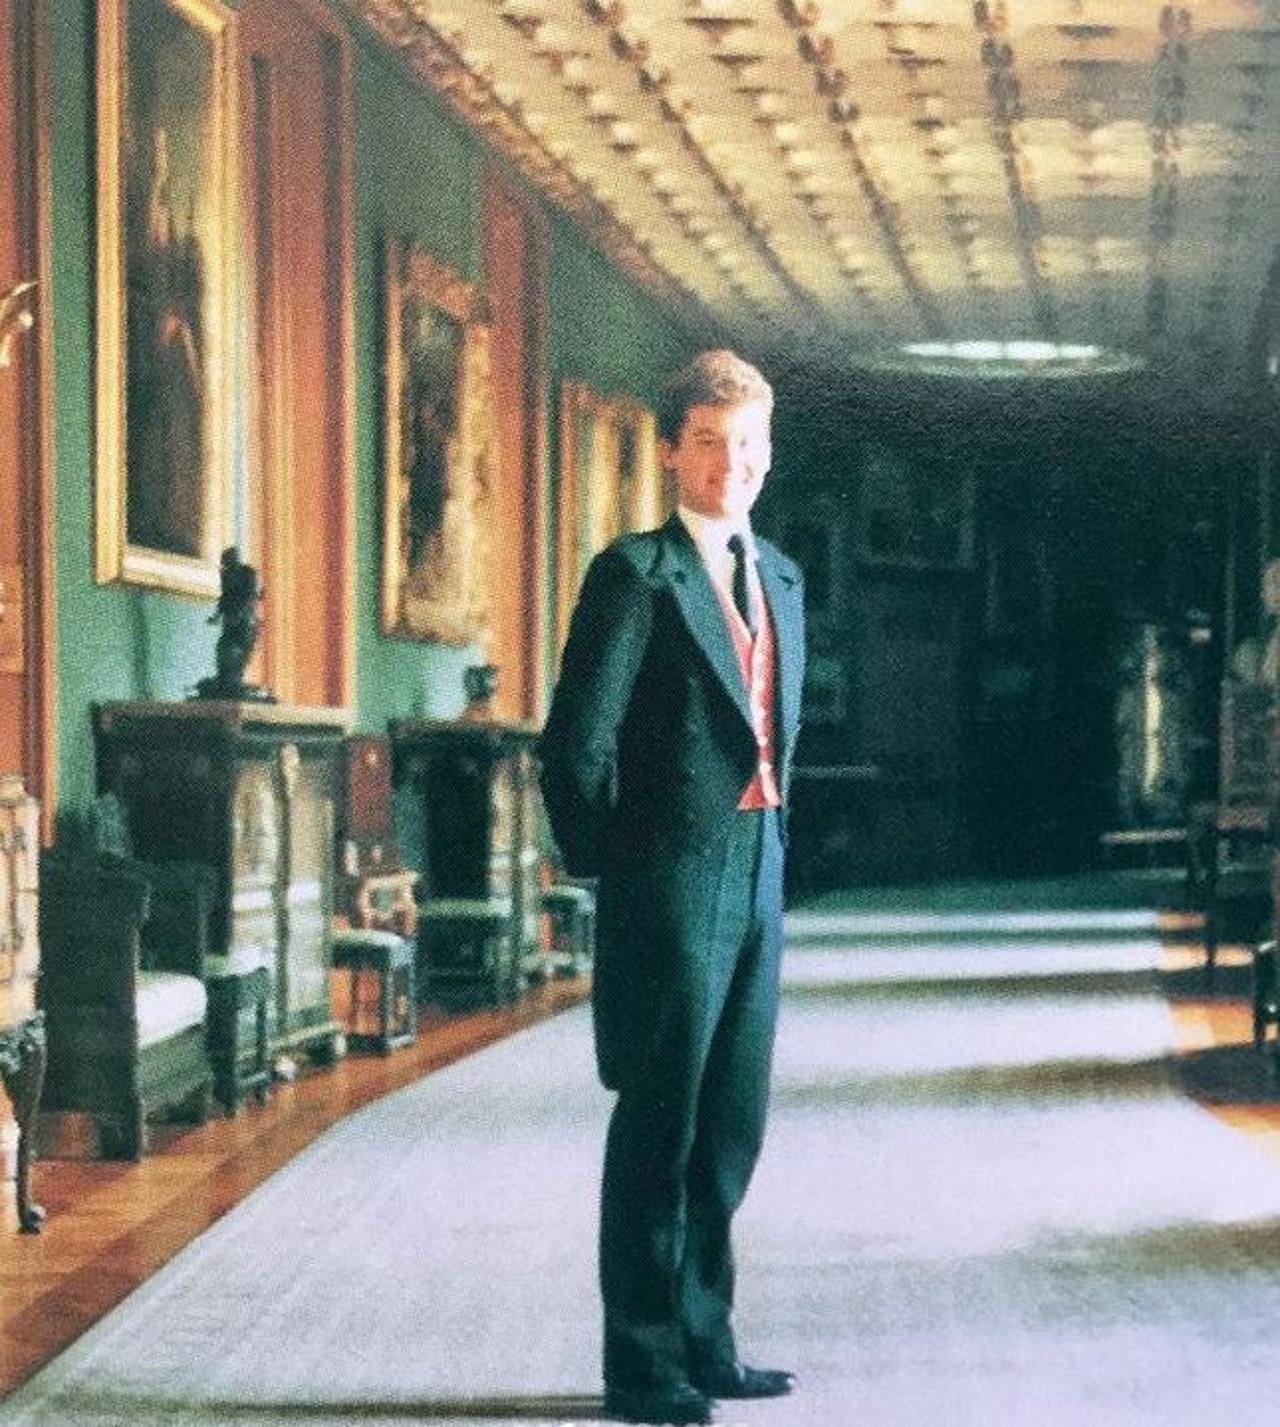 Kamerdyner Księżnej Diany pokazał archiwalne zdjęcia z czasu, gdy pracował dla rodziny królewskiej.